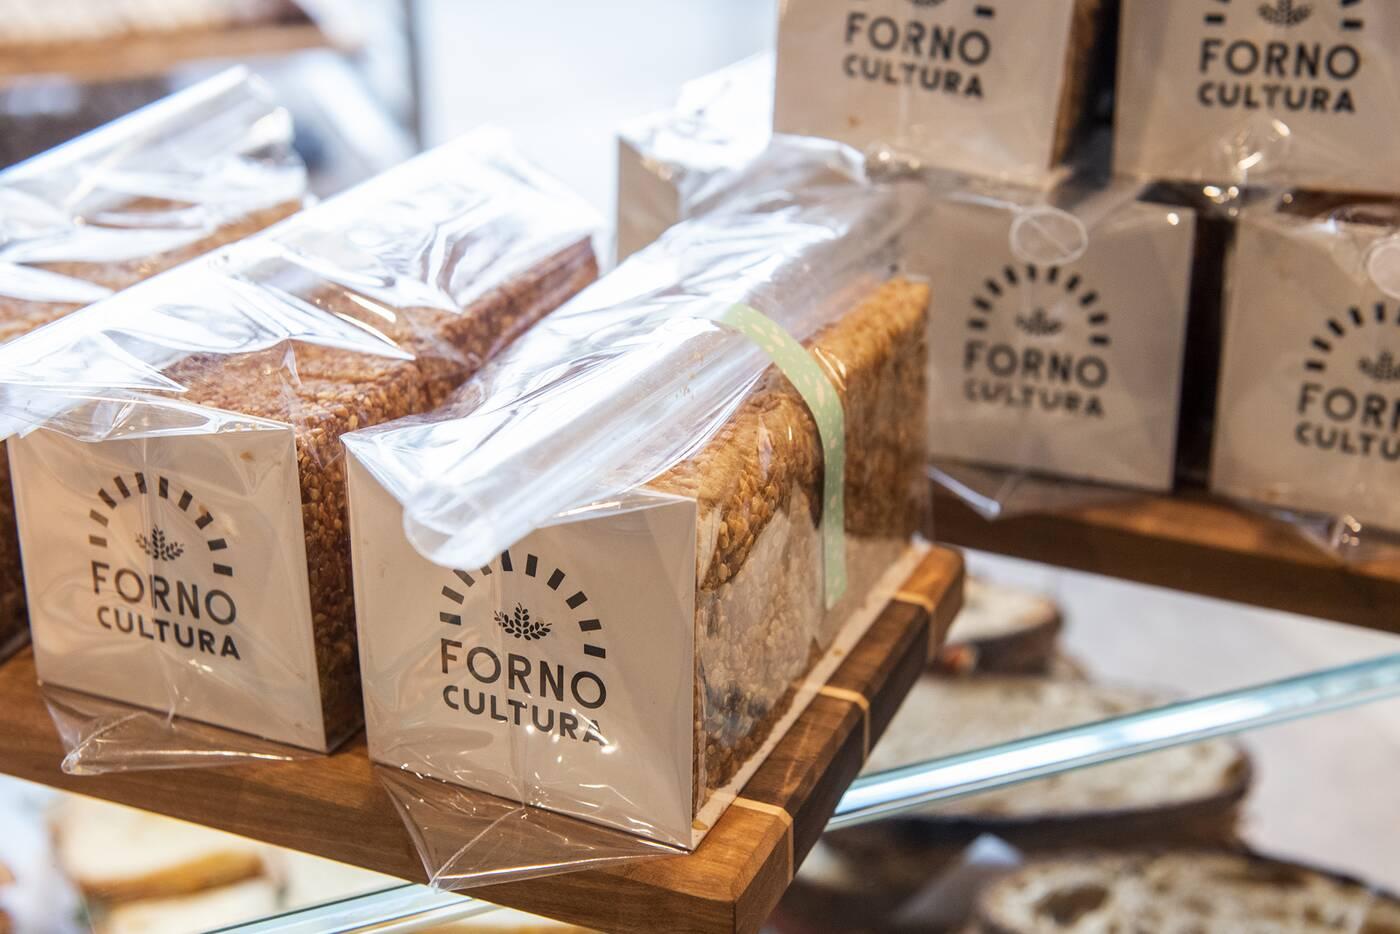 forno cultura toronto